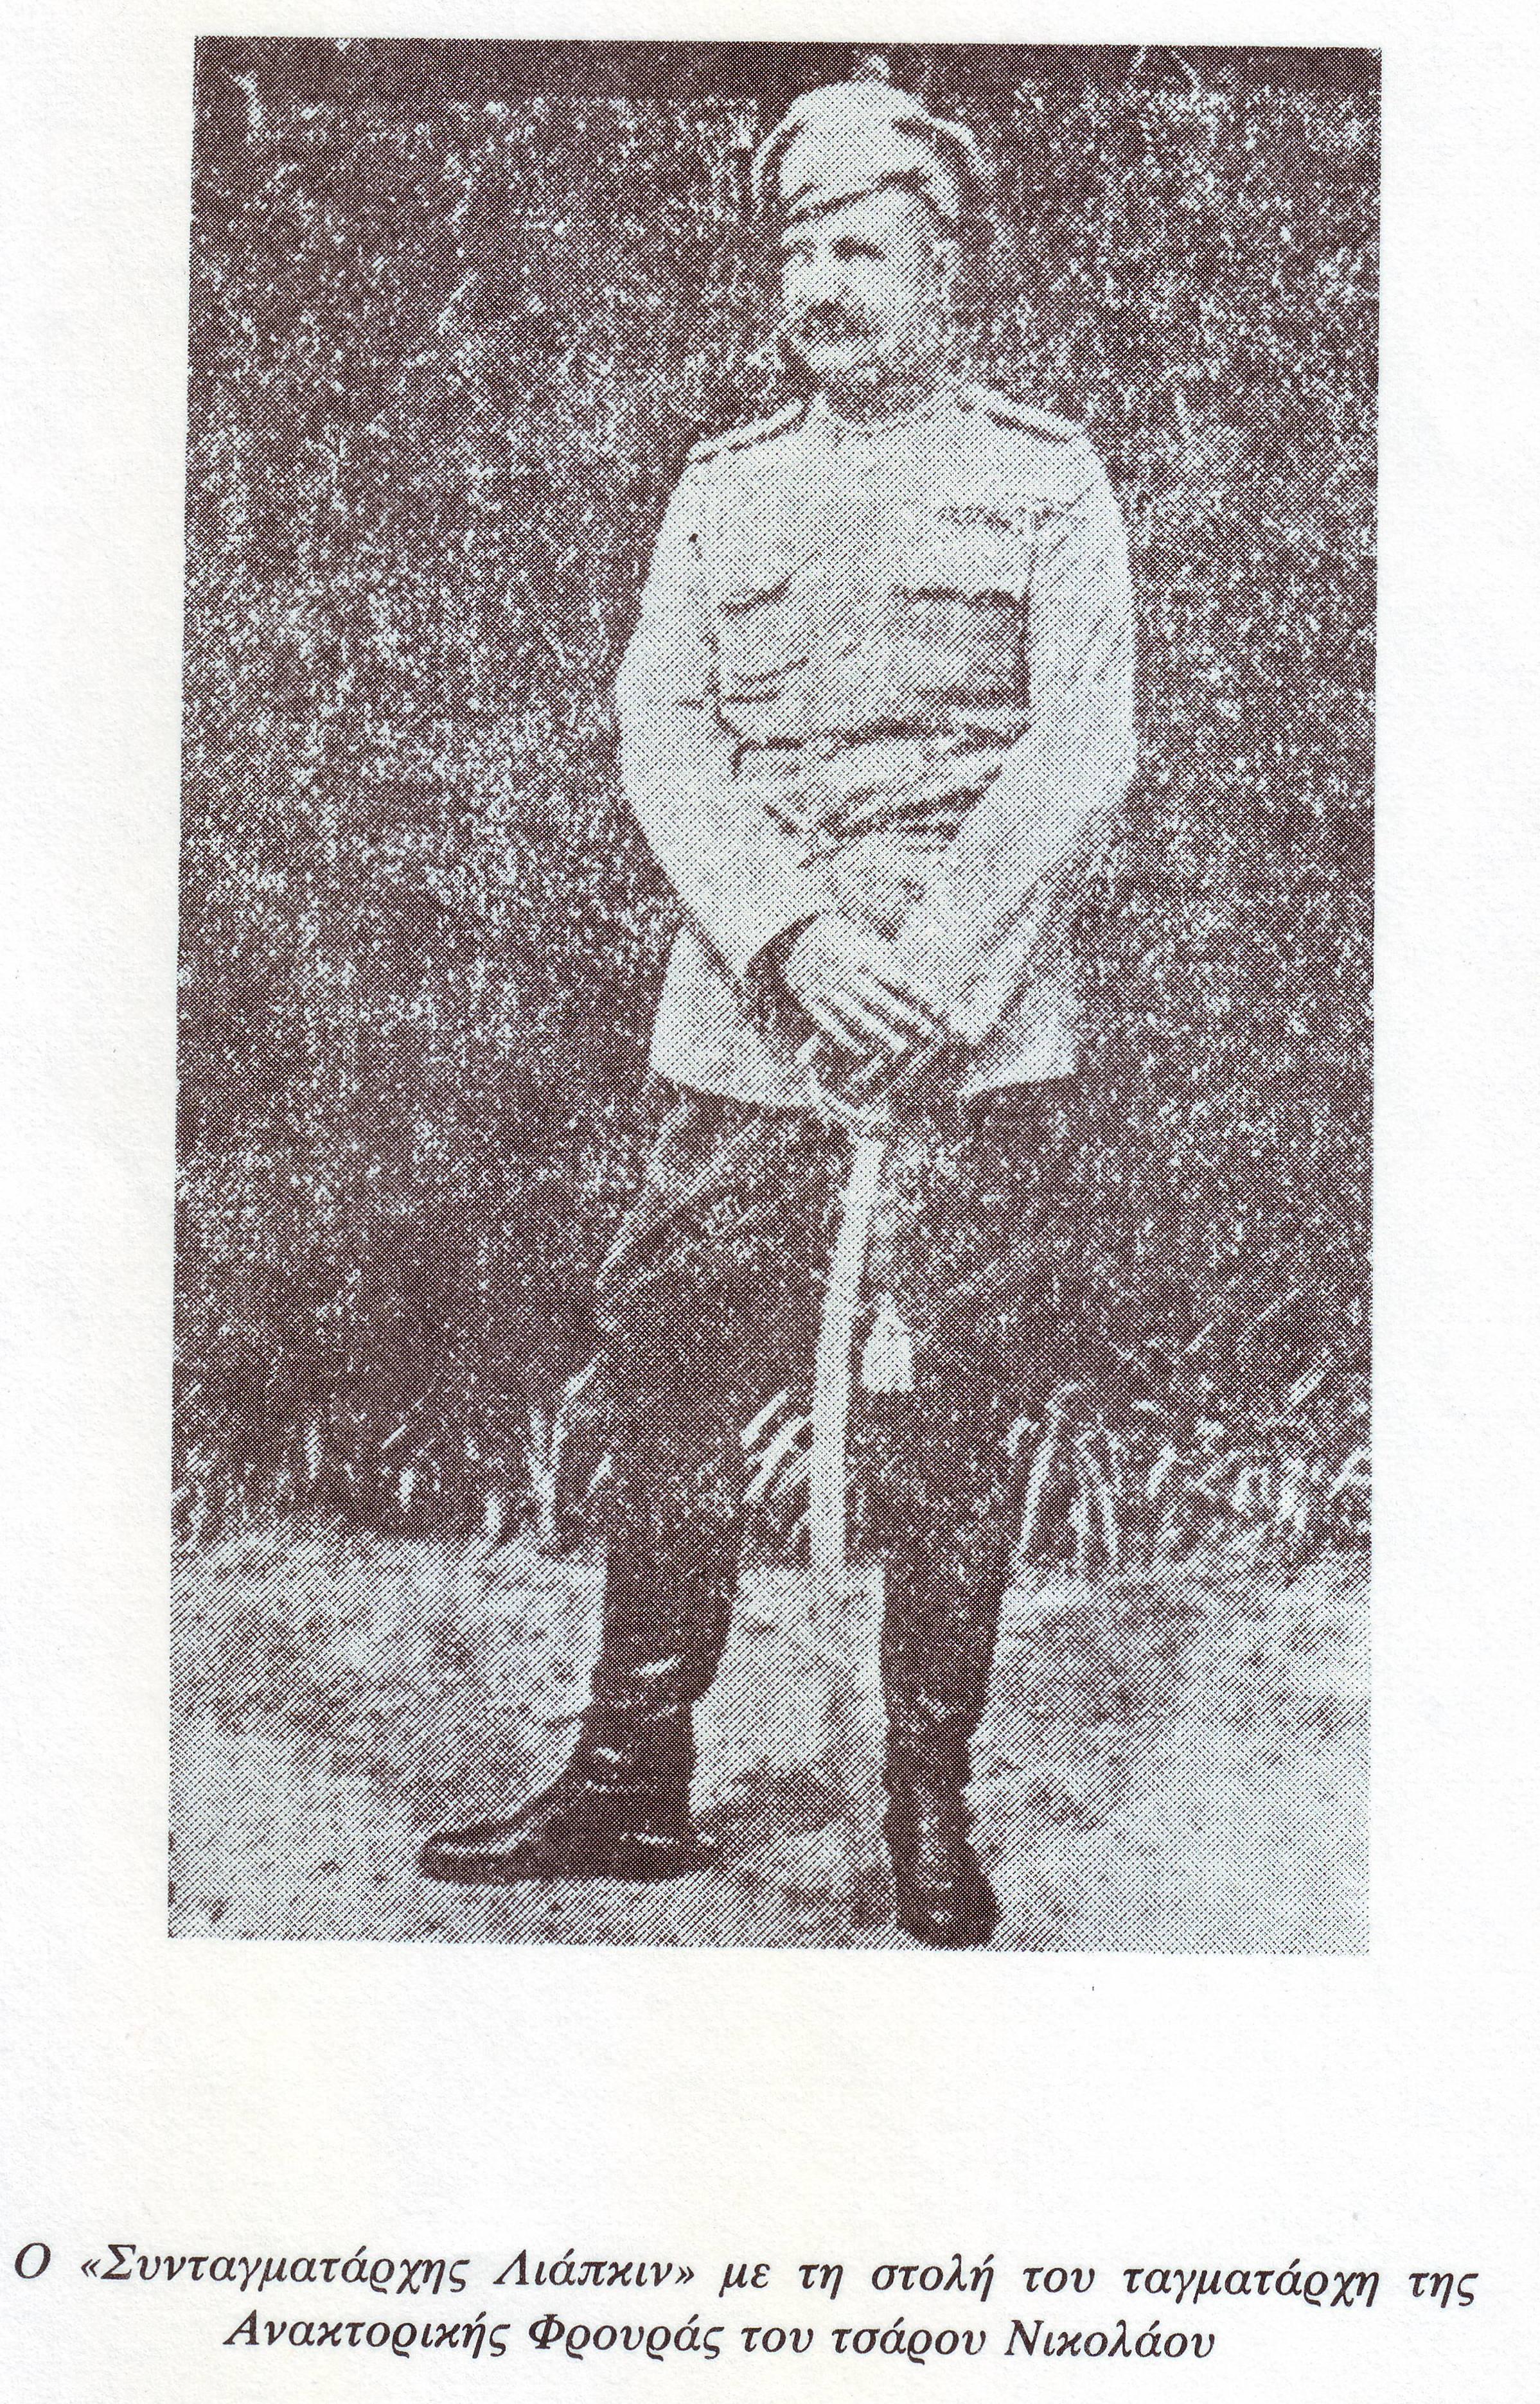 Αποτέλεσμα εικόνας για συνταγματαρχησ λιαπκιν